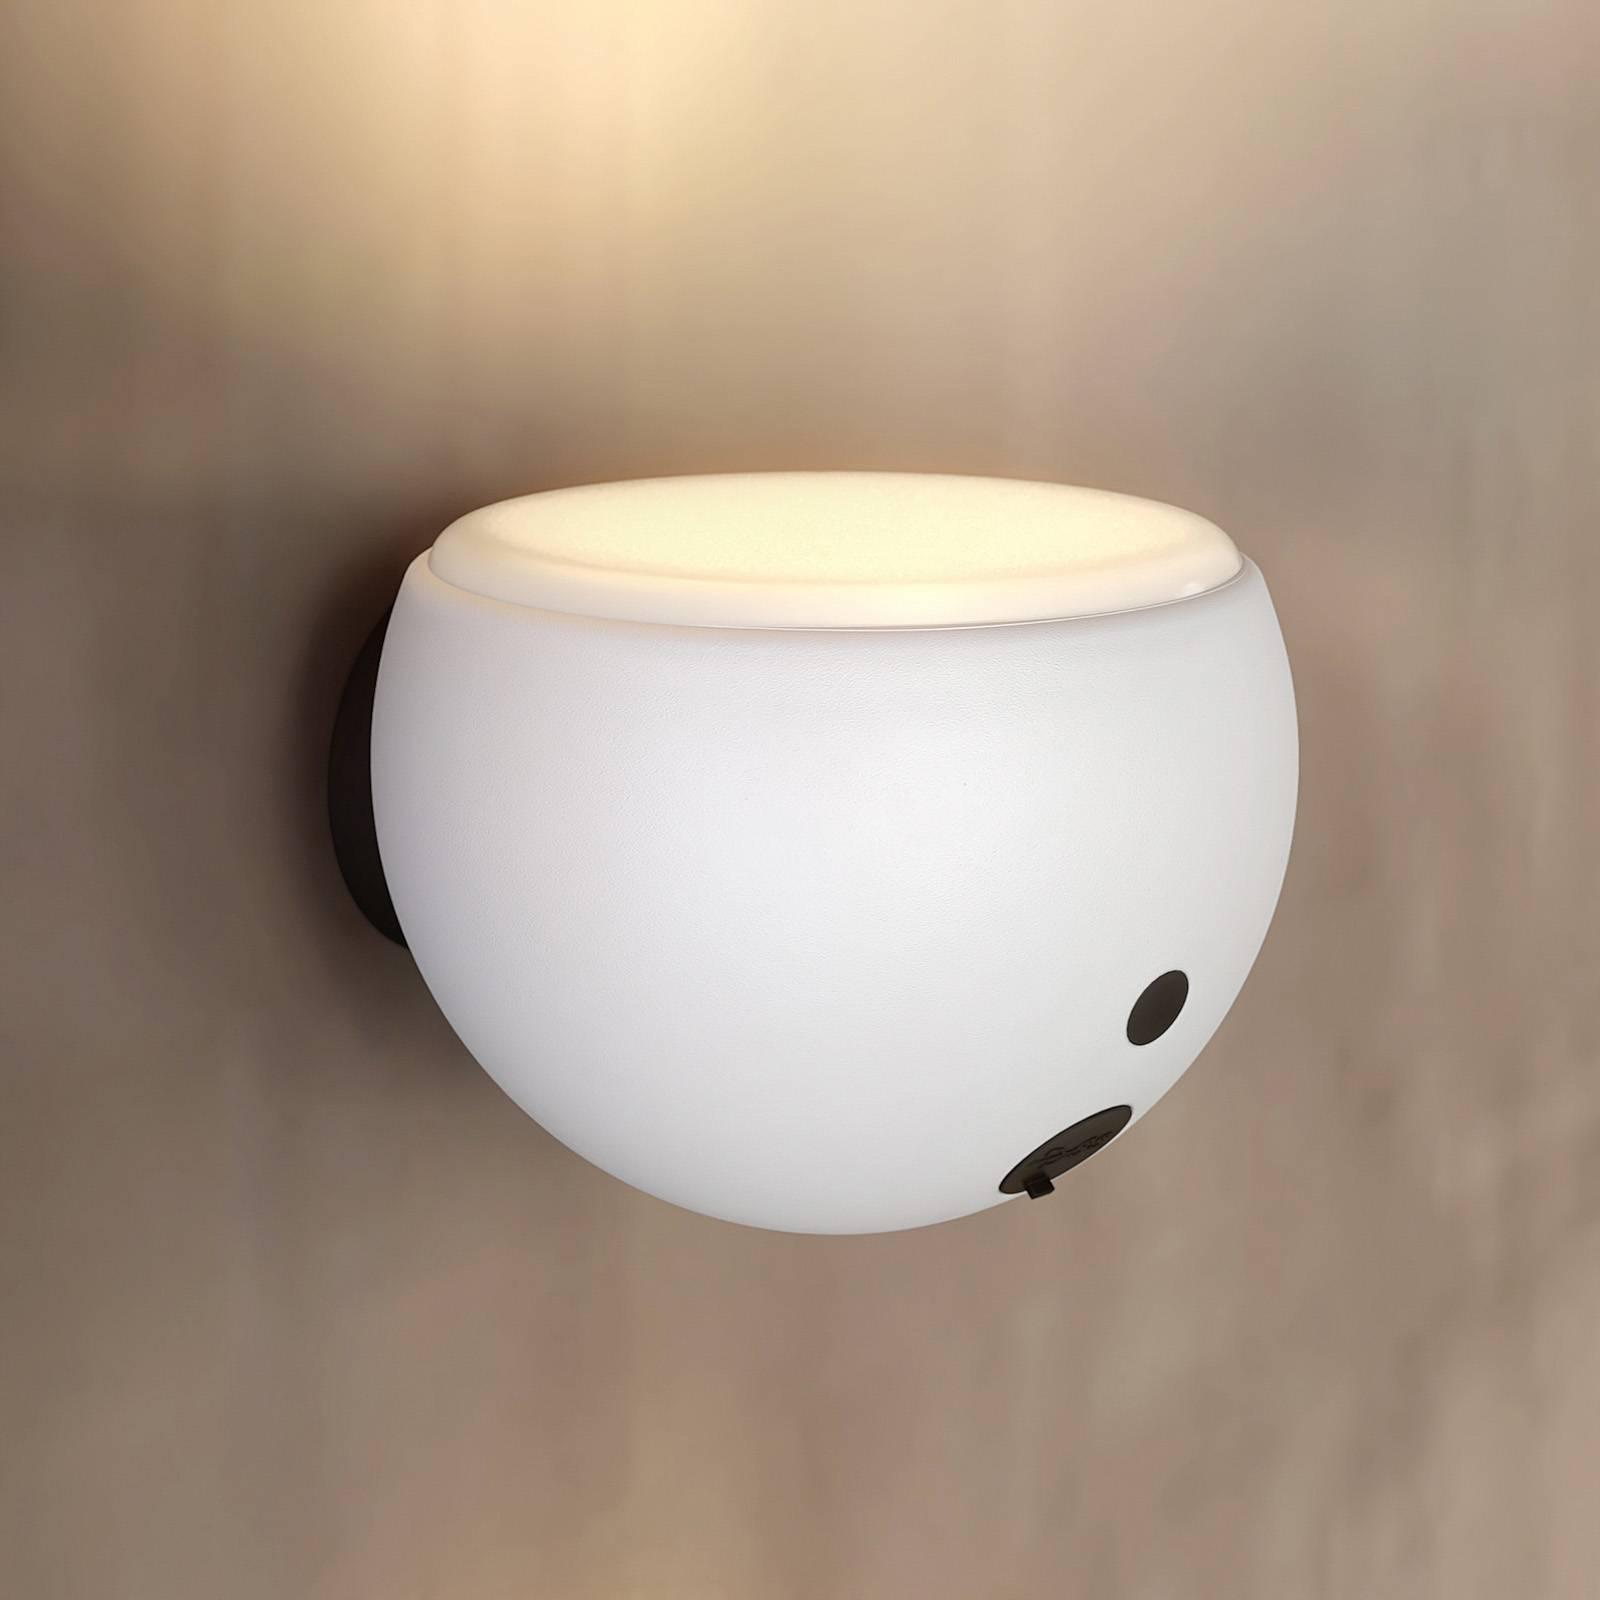 Arcchio Davir -LED-seinävalaisin, akku, valkoinen